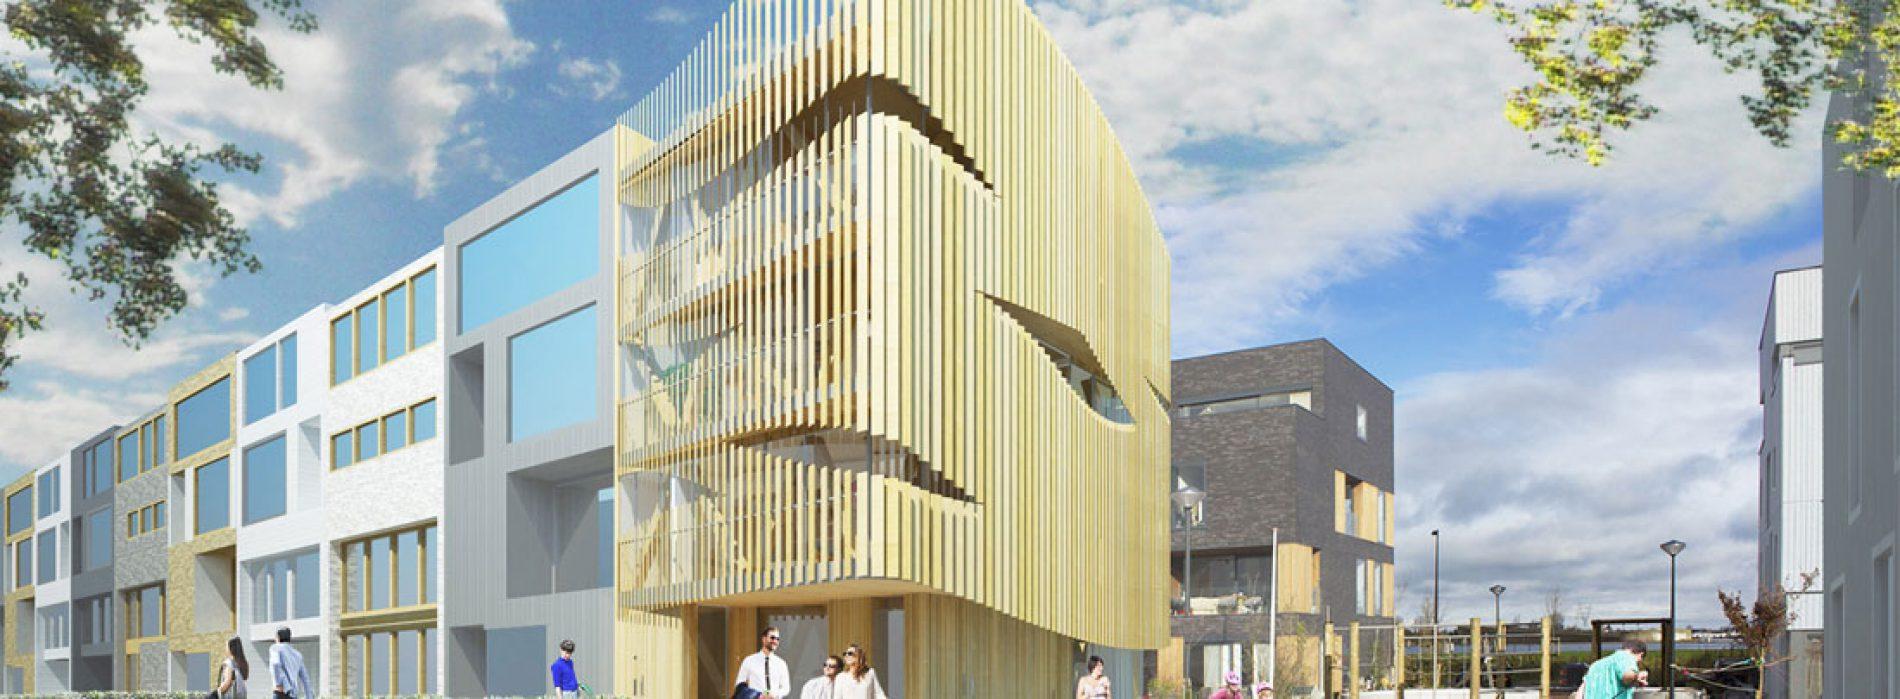 Freeboter: il progetto dell'architetto Giacomo Graziani nel cuore di Amsterdam